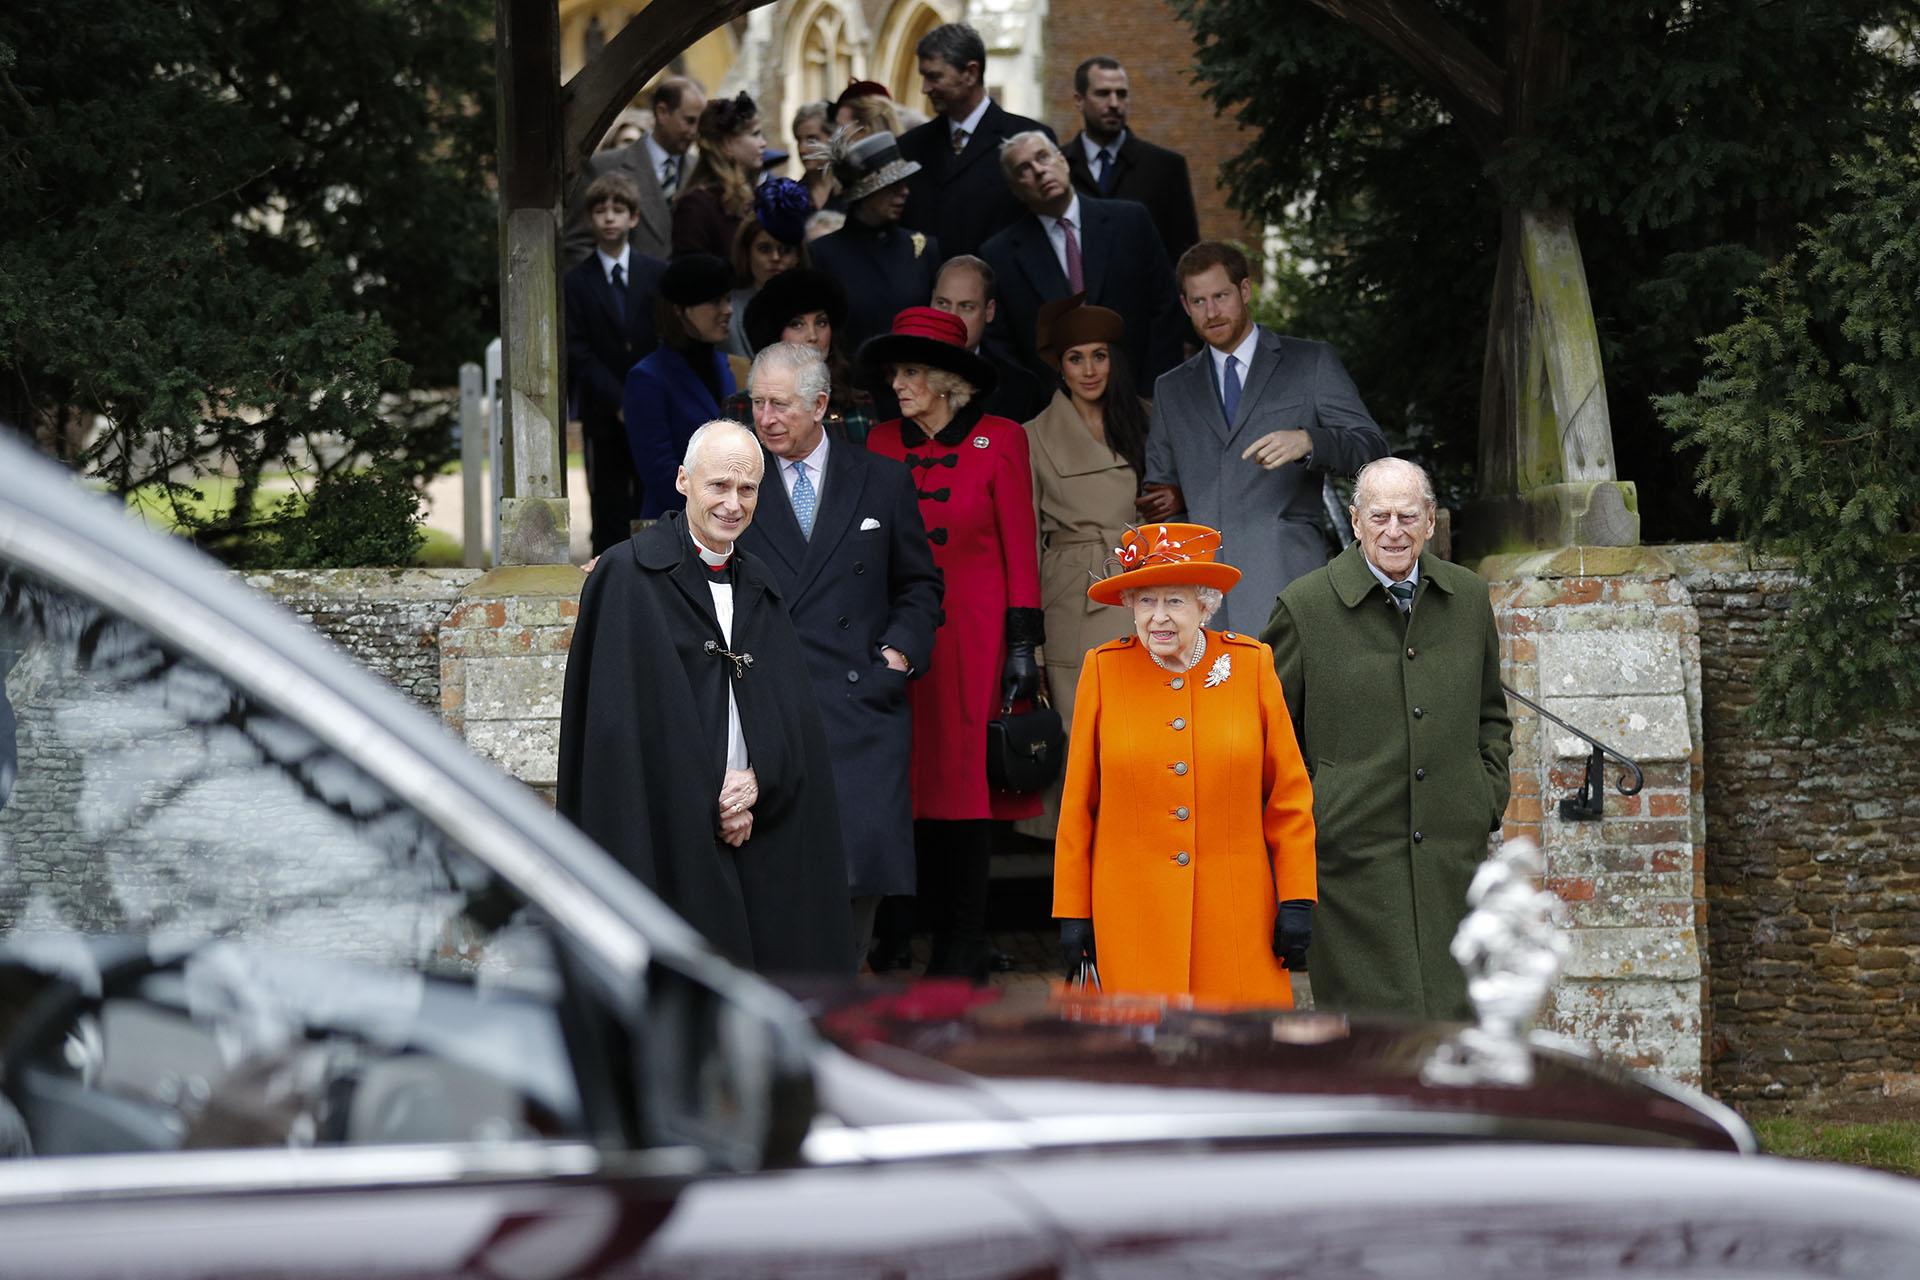 Vestida con su habitual estilo monocromático, esta vez de colorado, la monarca camina junto a su marido Felipe, duque de Edimburgo, y al Reverendo Jonathan Riviere